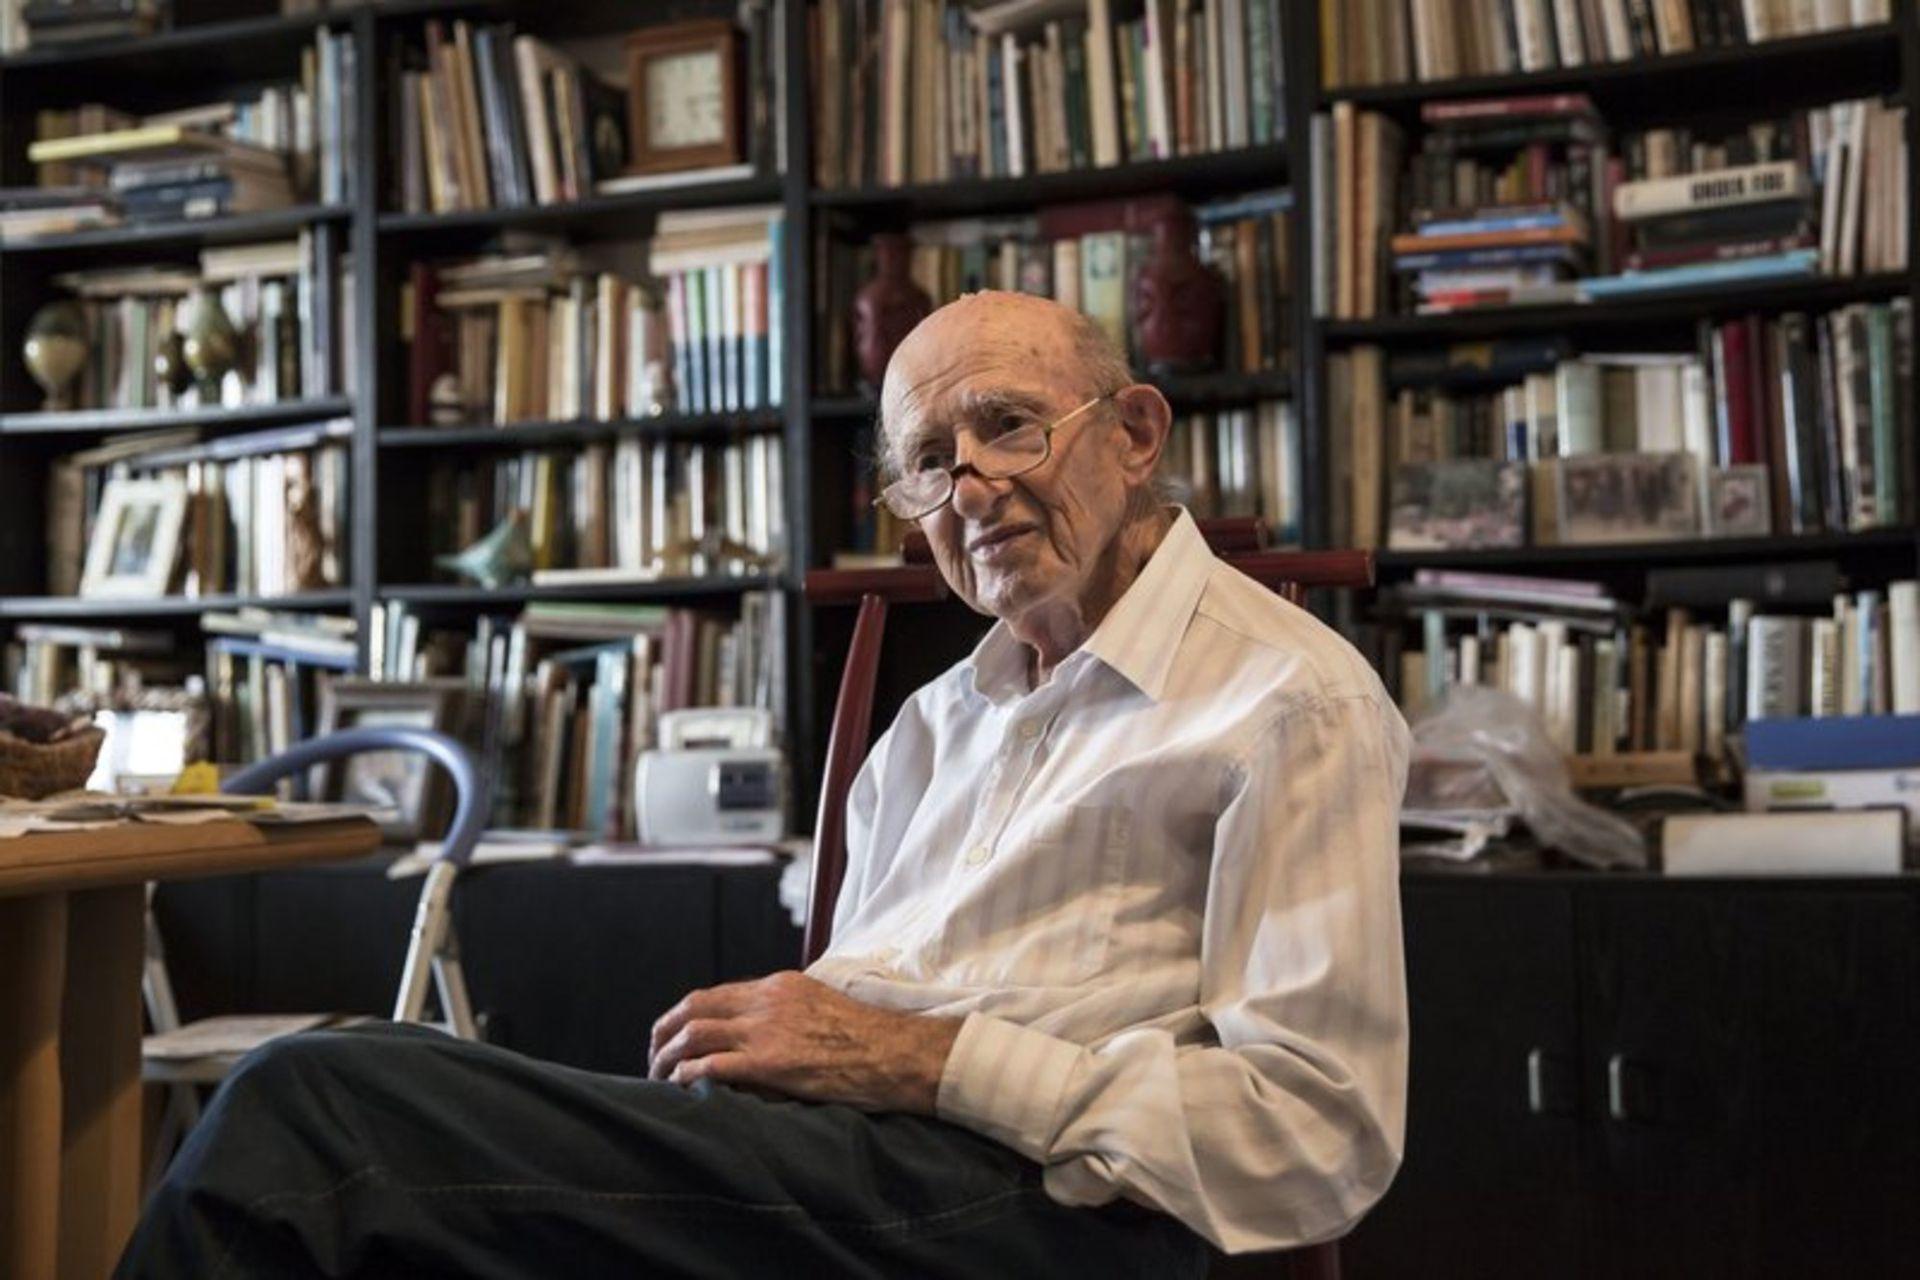 Joseph Harmatz, quien dirigió el intento más atrevido de los judíos que buscaban venganza contra sus torturadores nazis, murió a los 91 años en 2016